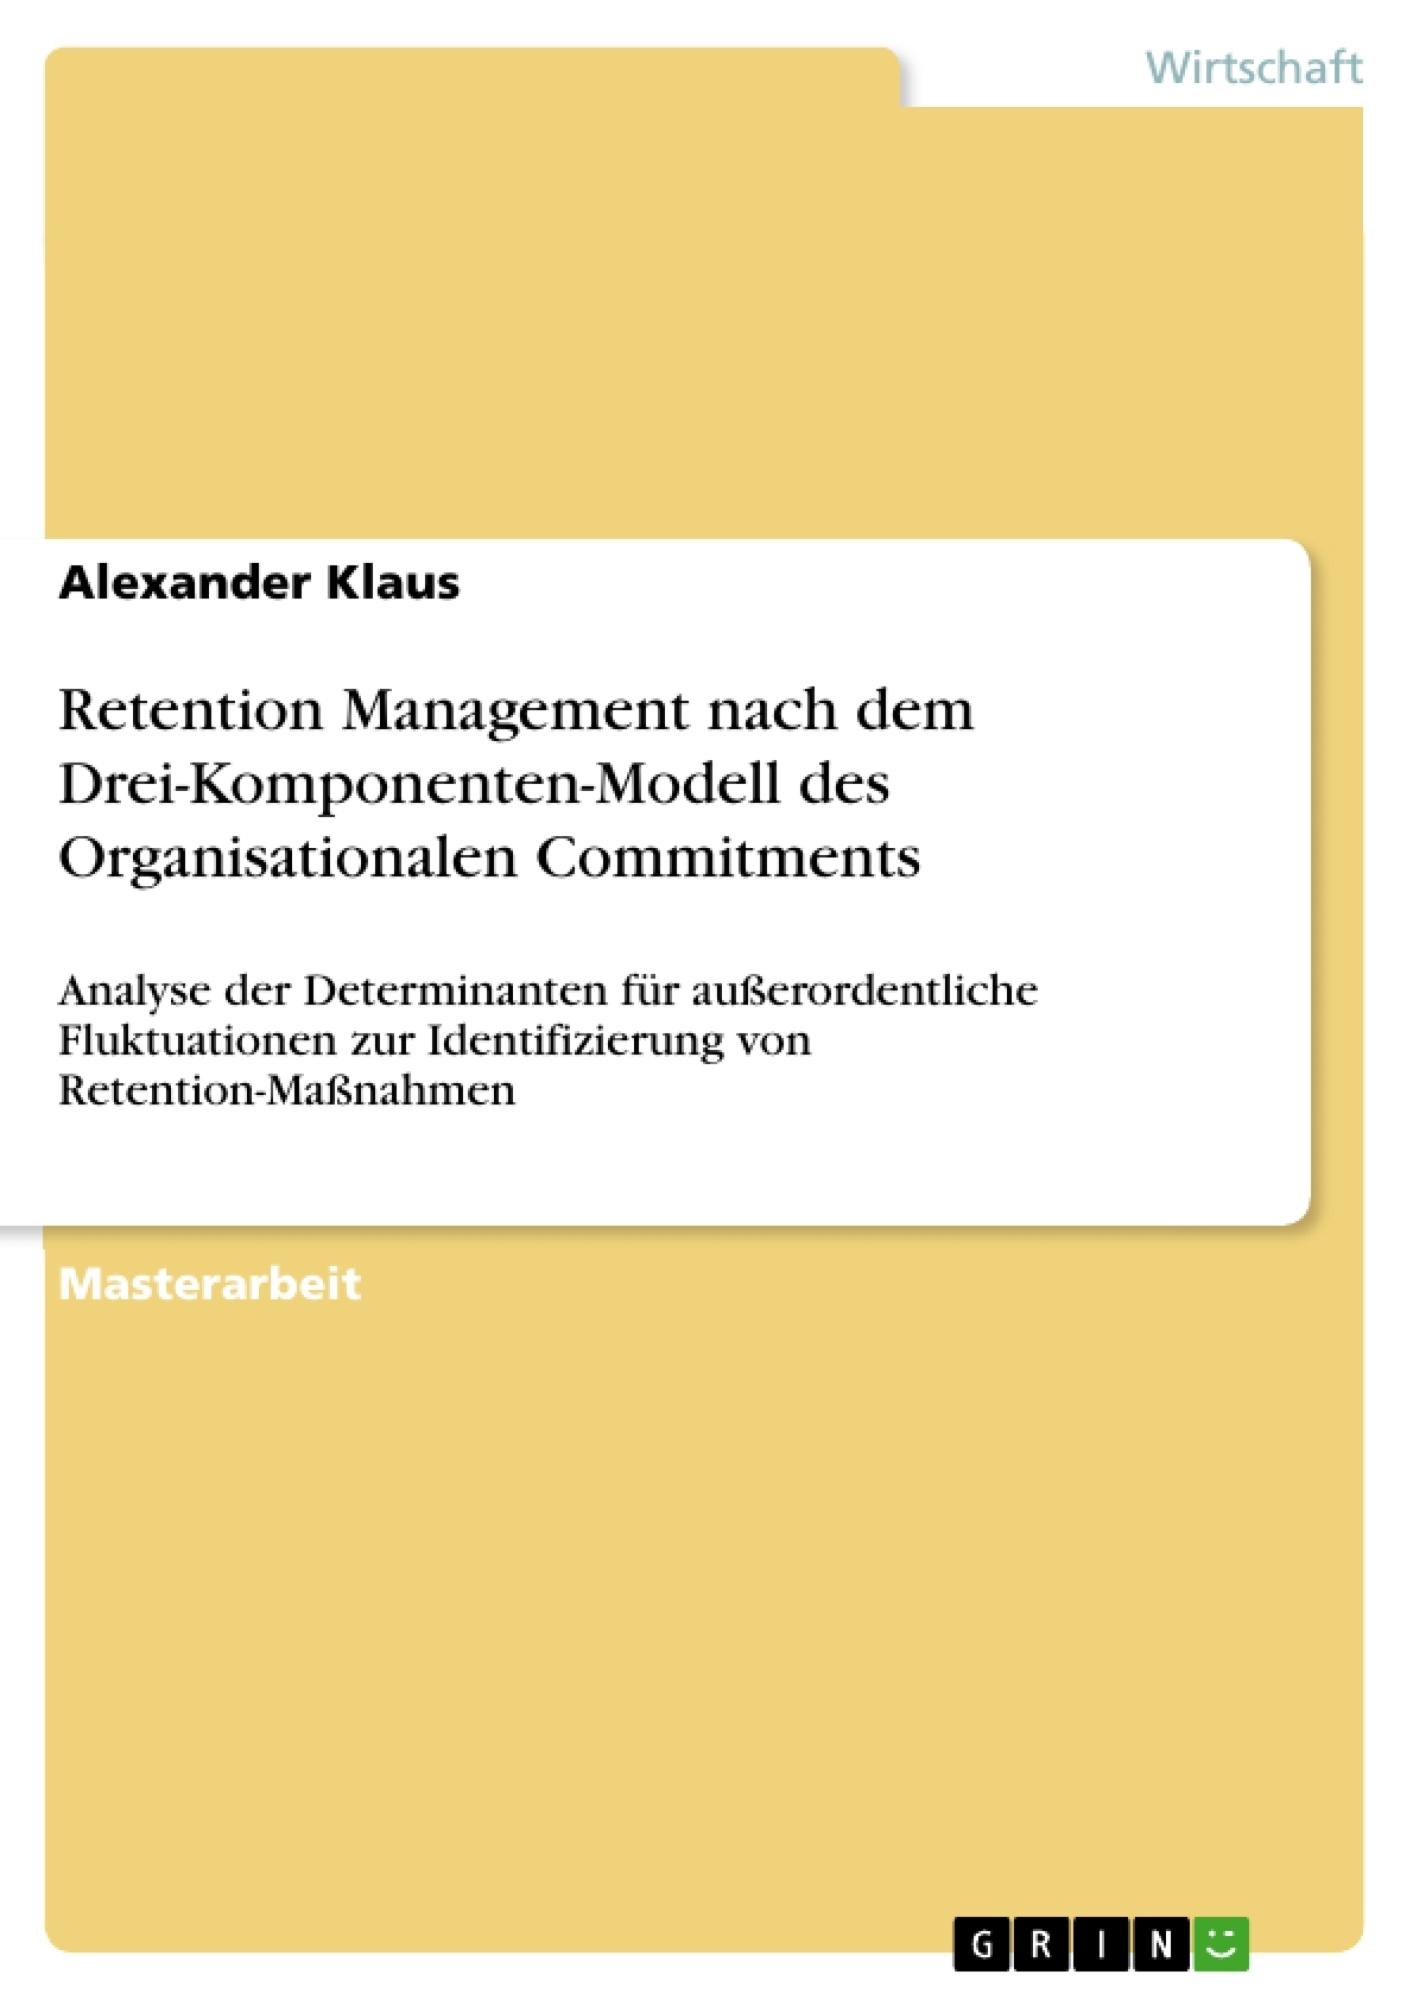 Titel: Retention Management nach dem Drei-Komponenten-Modell des Organisationalen Commitments